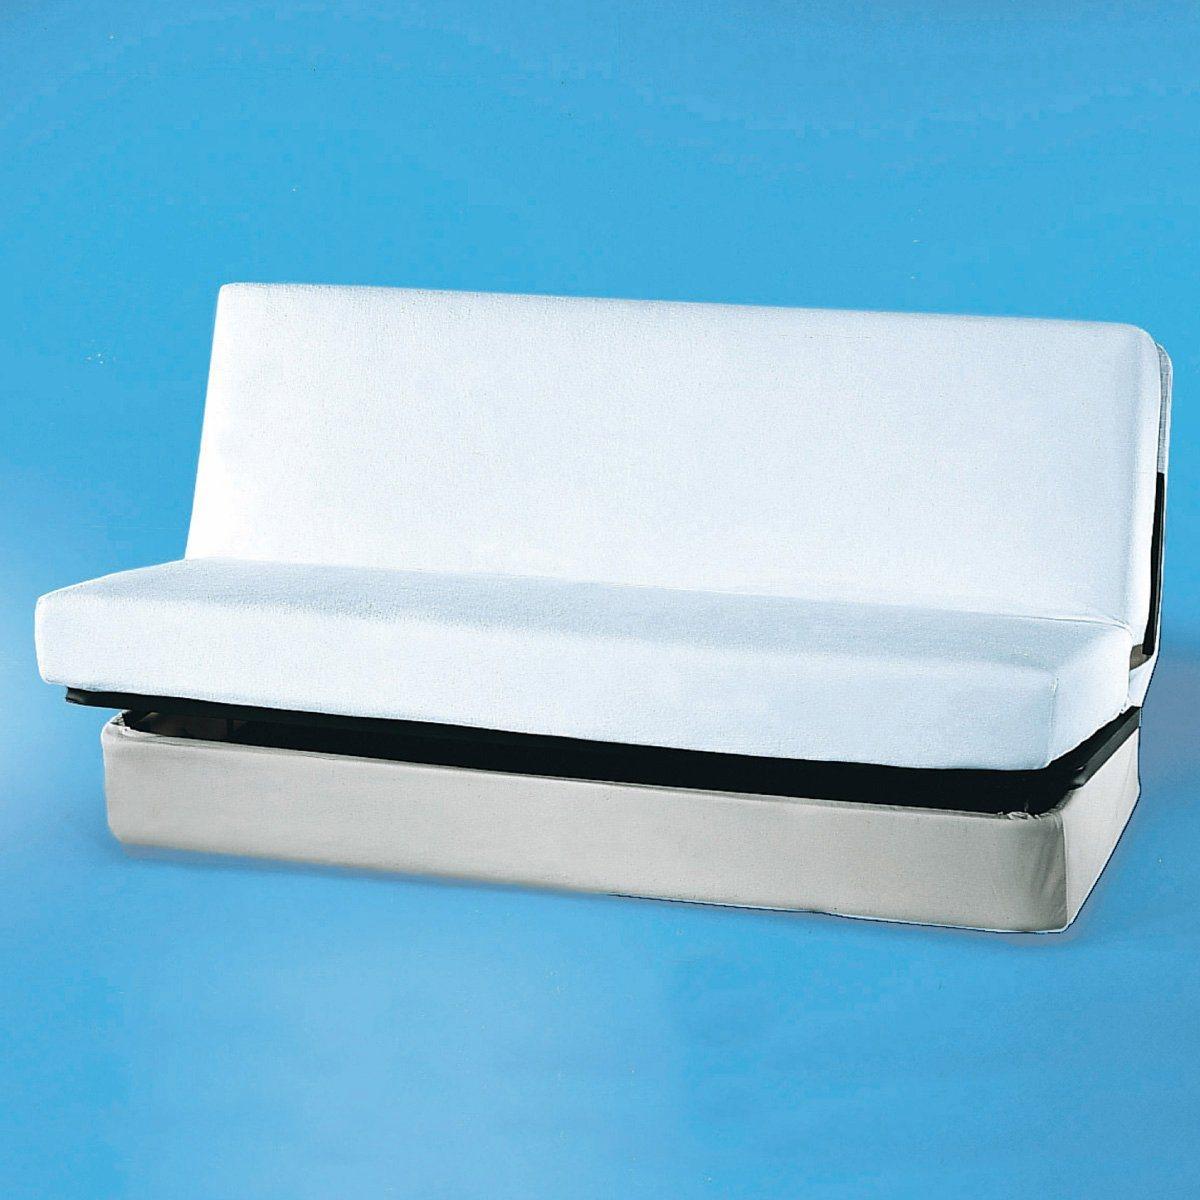 Protège matelas clic clac, éponge enduite polyuréthane imperméable